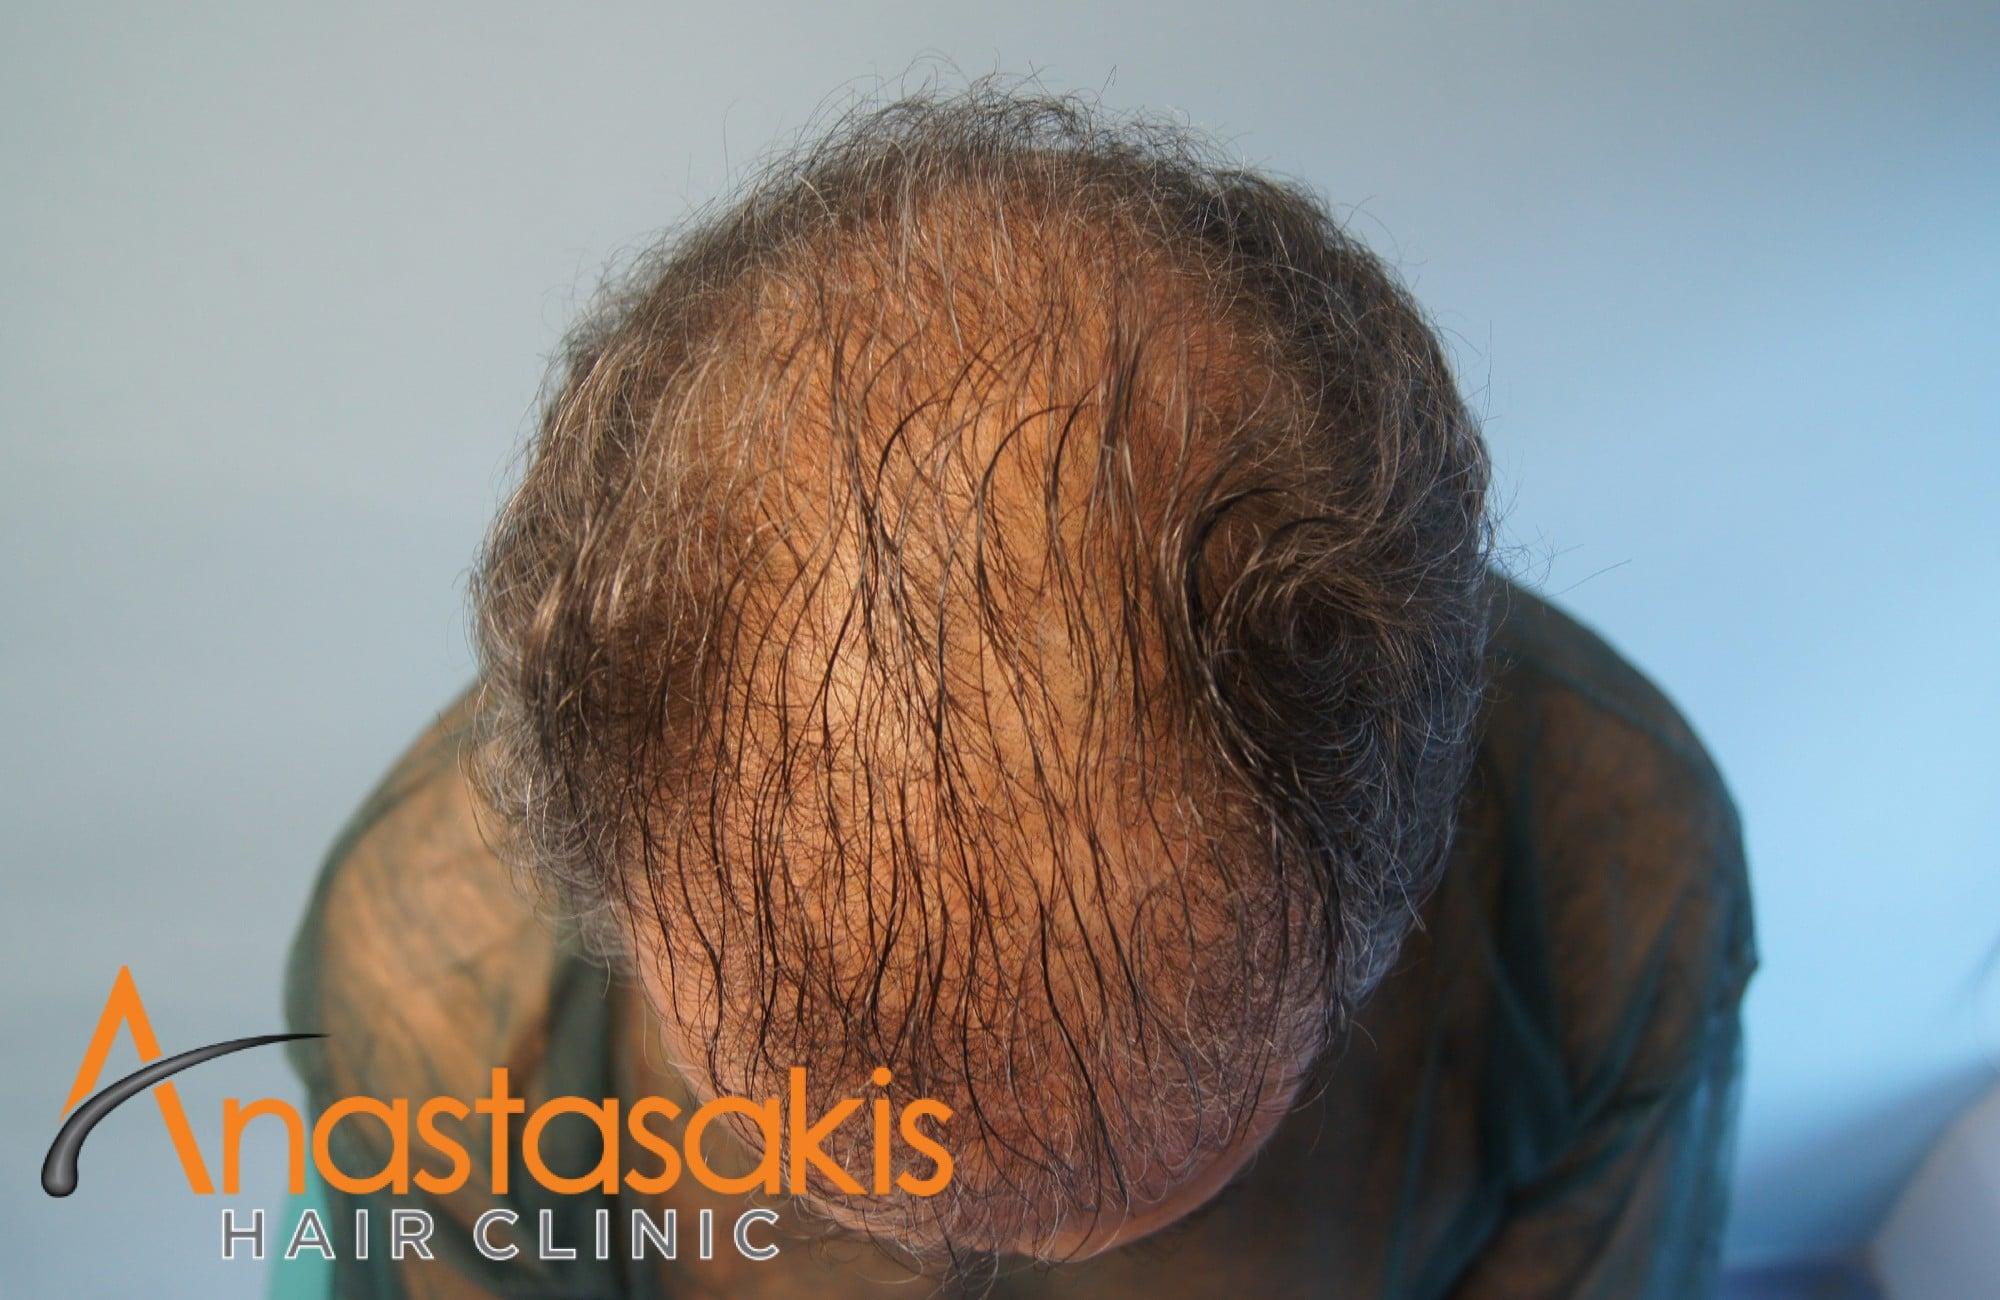 περιστατικο πριν τη μεταμοσχευση μαλλιων με 3964 fus - προσθια περιοχη